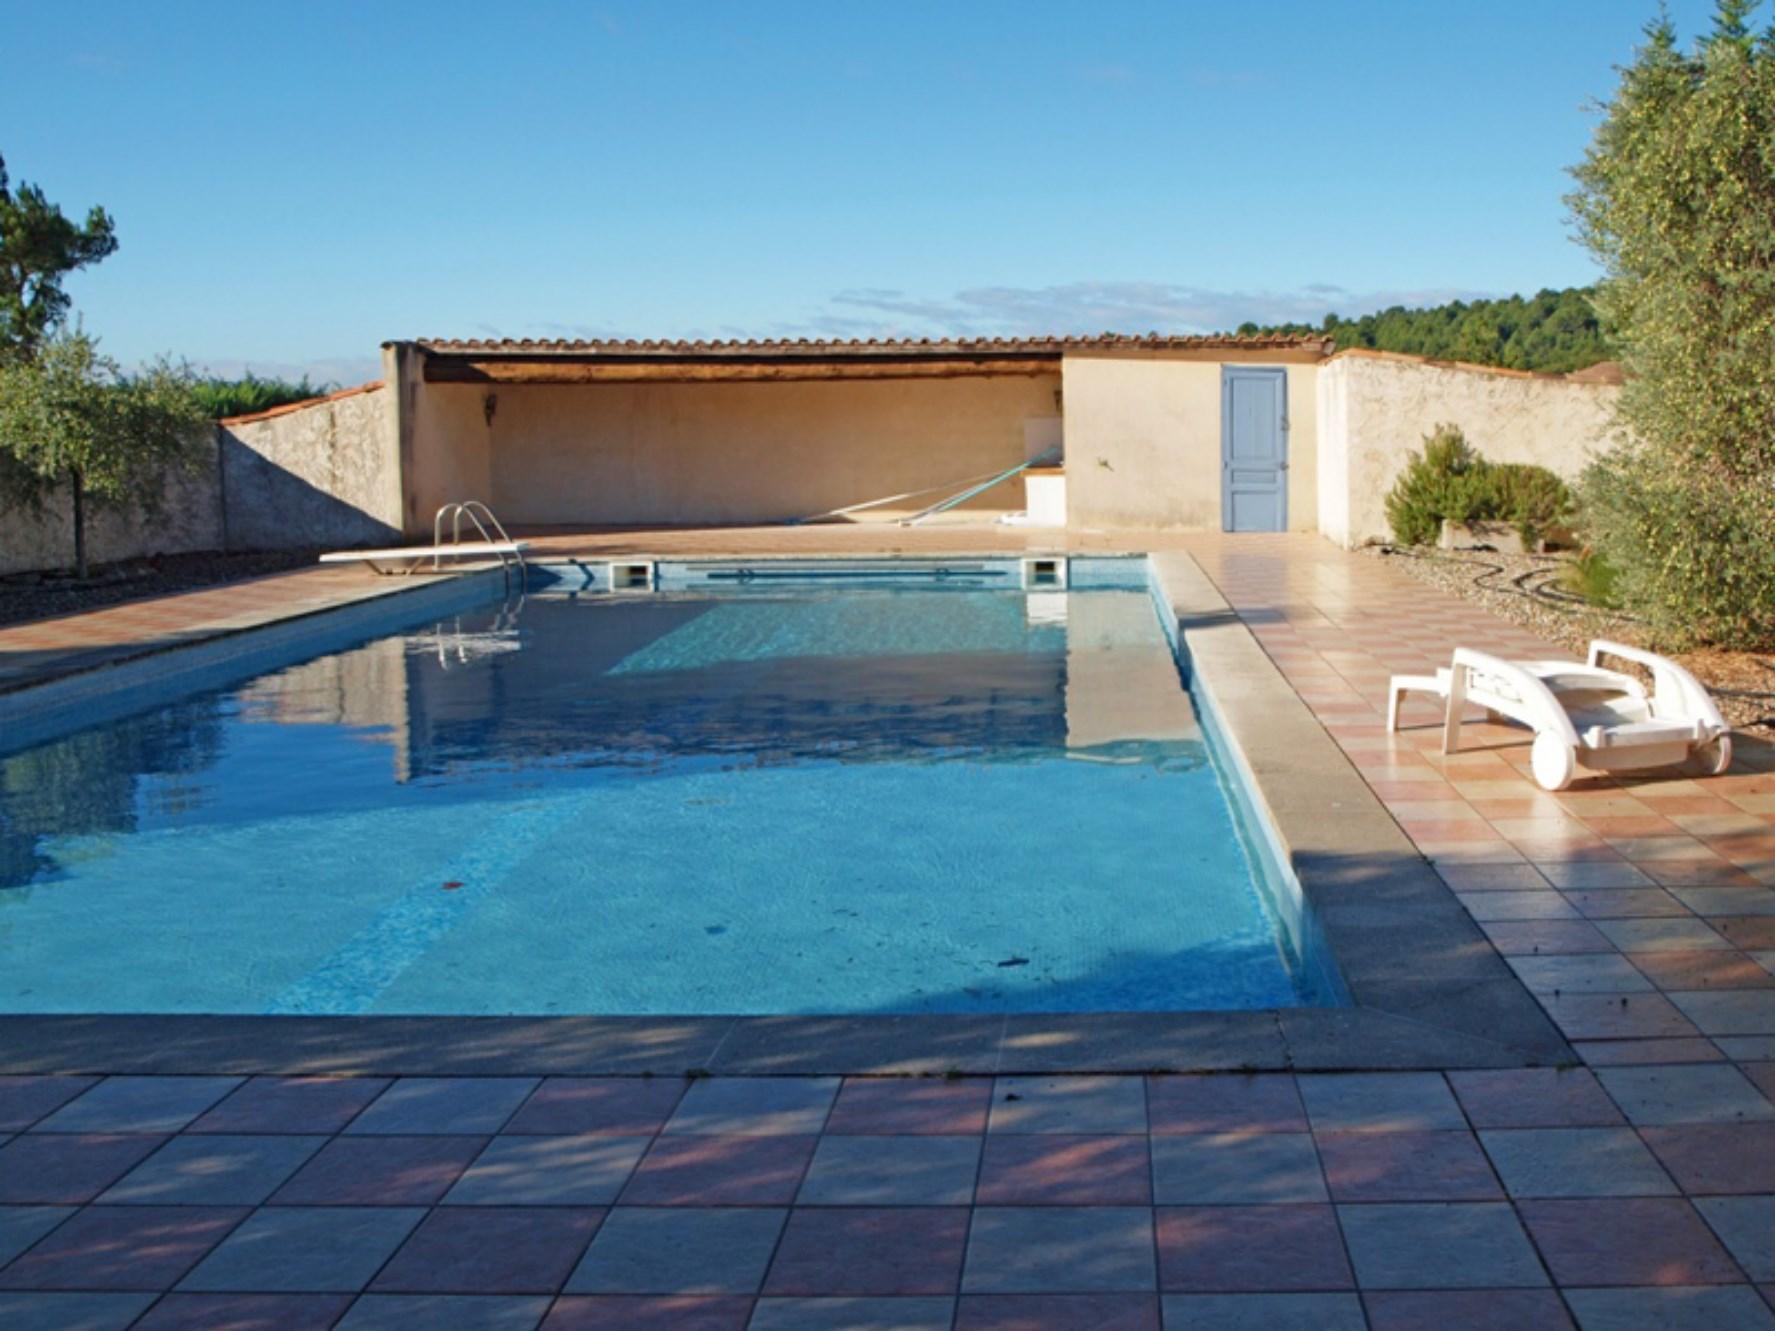 Maison contemporaine avec piscine à vendre proche de Gordes